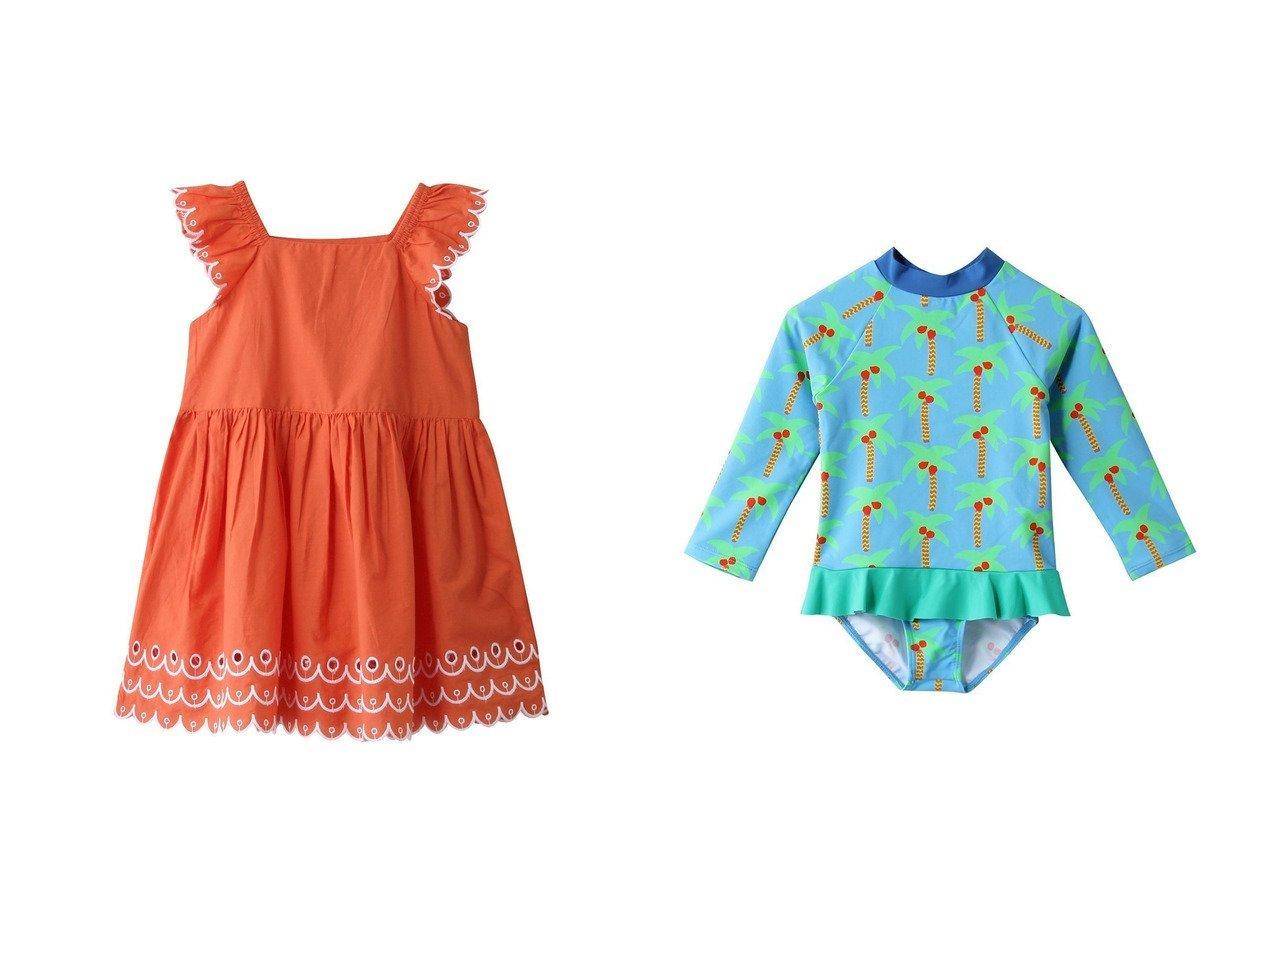 【STELLA McCARTNEY / KIDS/ステラ マッカートニー】の【KIDS】スカラップドレス&【KIDS】パームツリースイムセット 【KIDS】子供服のおすすめ!人気トレンド・キッズファッションの通販 おすすめで人気の流行・トレンド、ファッションの通販商品 メンズファッション・キッズファッション・インテリア・家具・レディースファッション・服の通販 founy(ファニー) https://founy.com/ ファッション Fashion キッズファッション KIDS ワンピース Dress Kids 2021年 2021 2021 春夏 S/S SS Spring/Summer 2021 S/S 春夏 SS Spring/Summer おすすめ Recommend スカラップ ドレス ボトム 春 Spring |ID:crp329100000022255